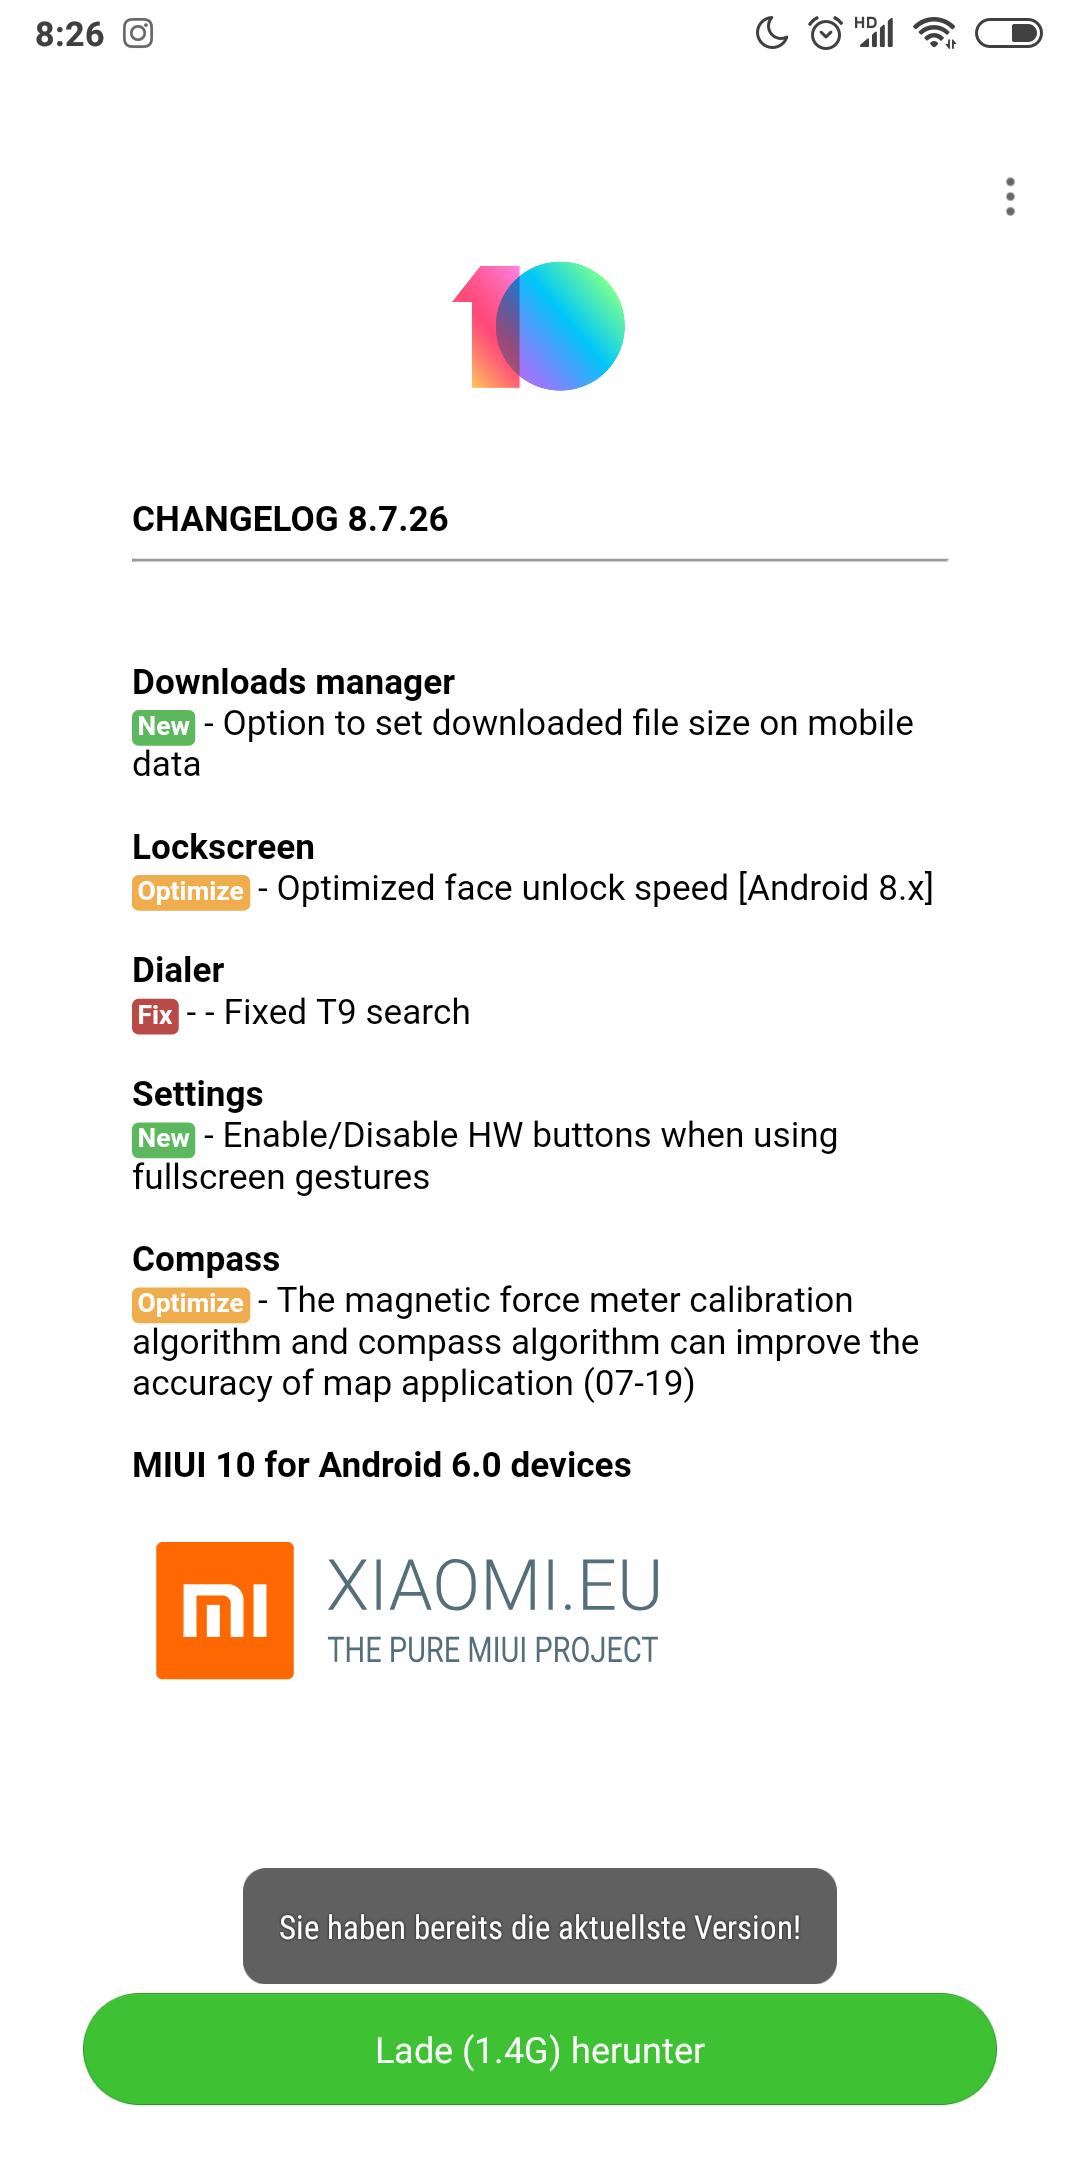 MIUI 10 - 8 7 26 | Xiaomi European Community